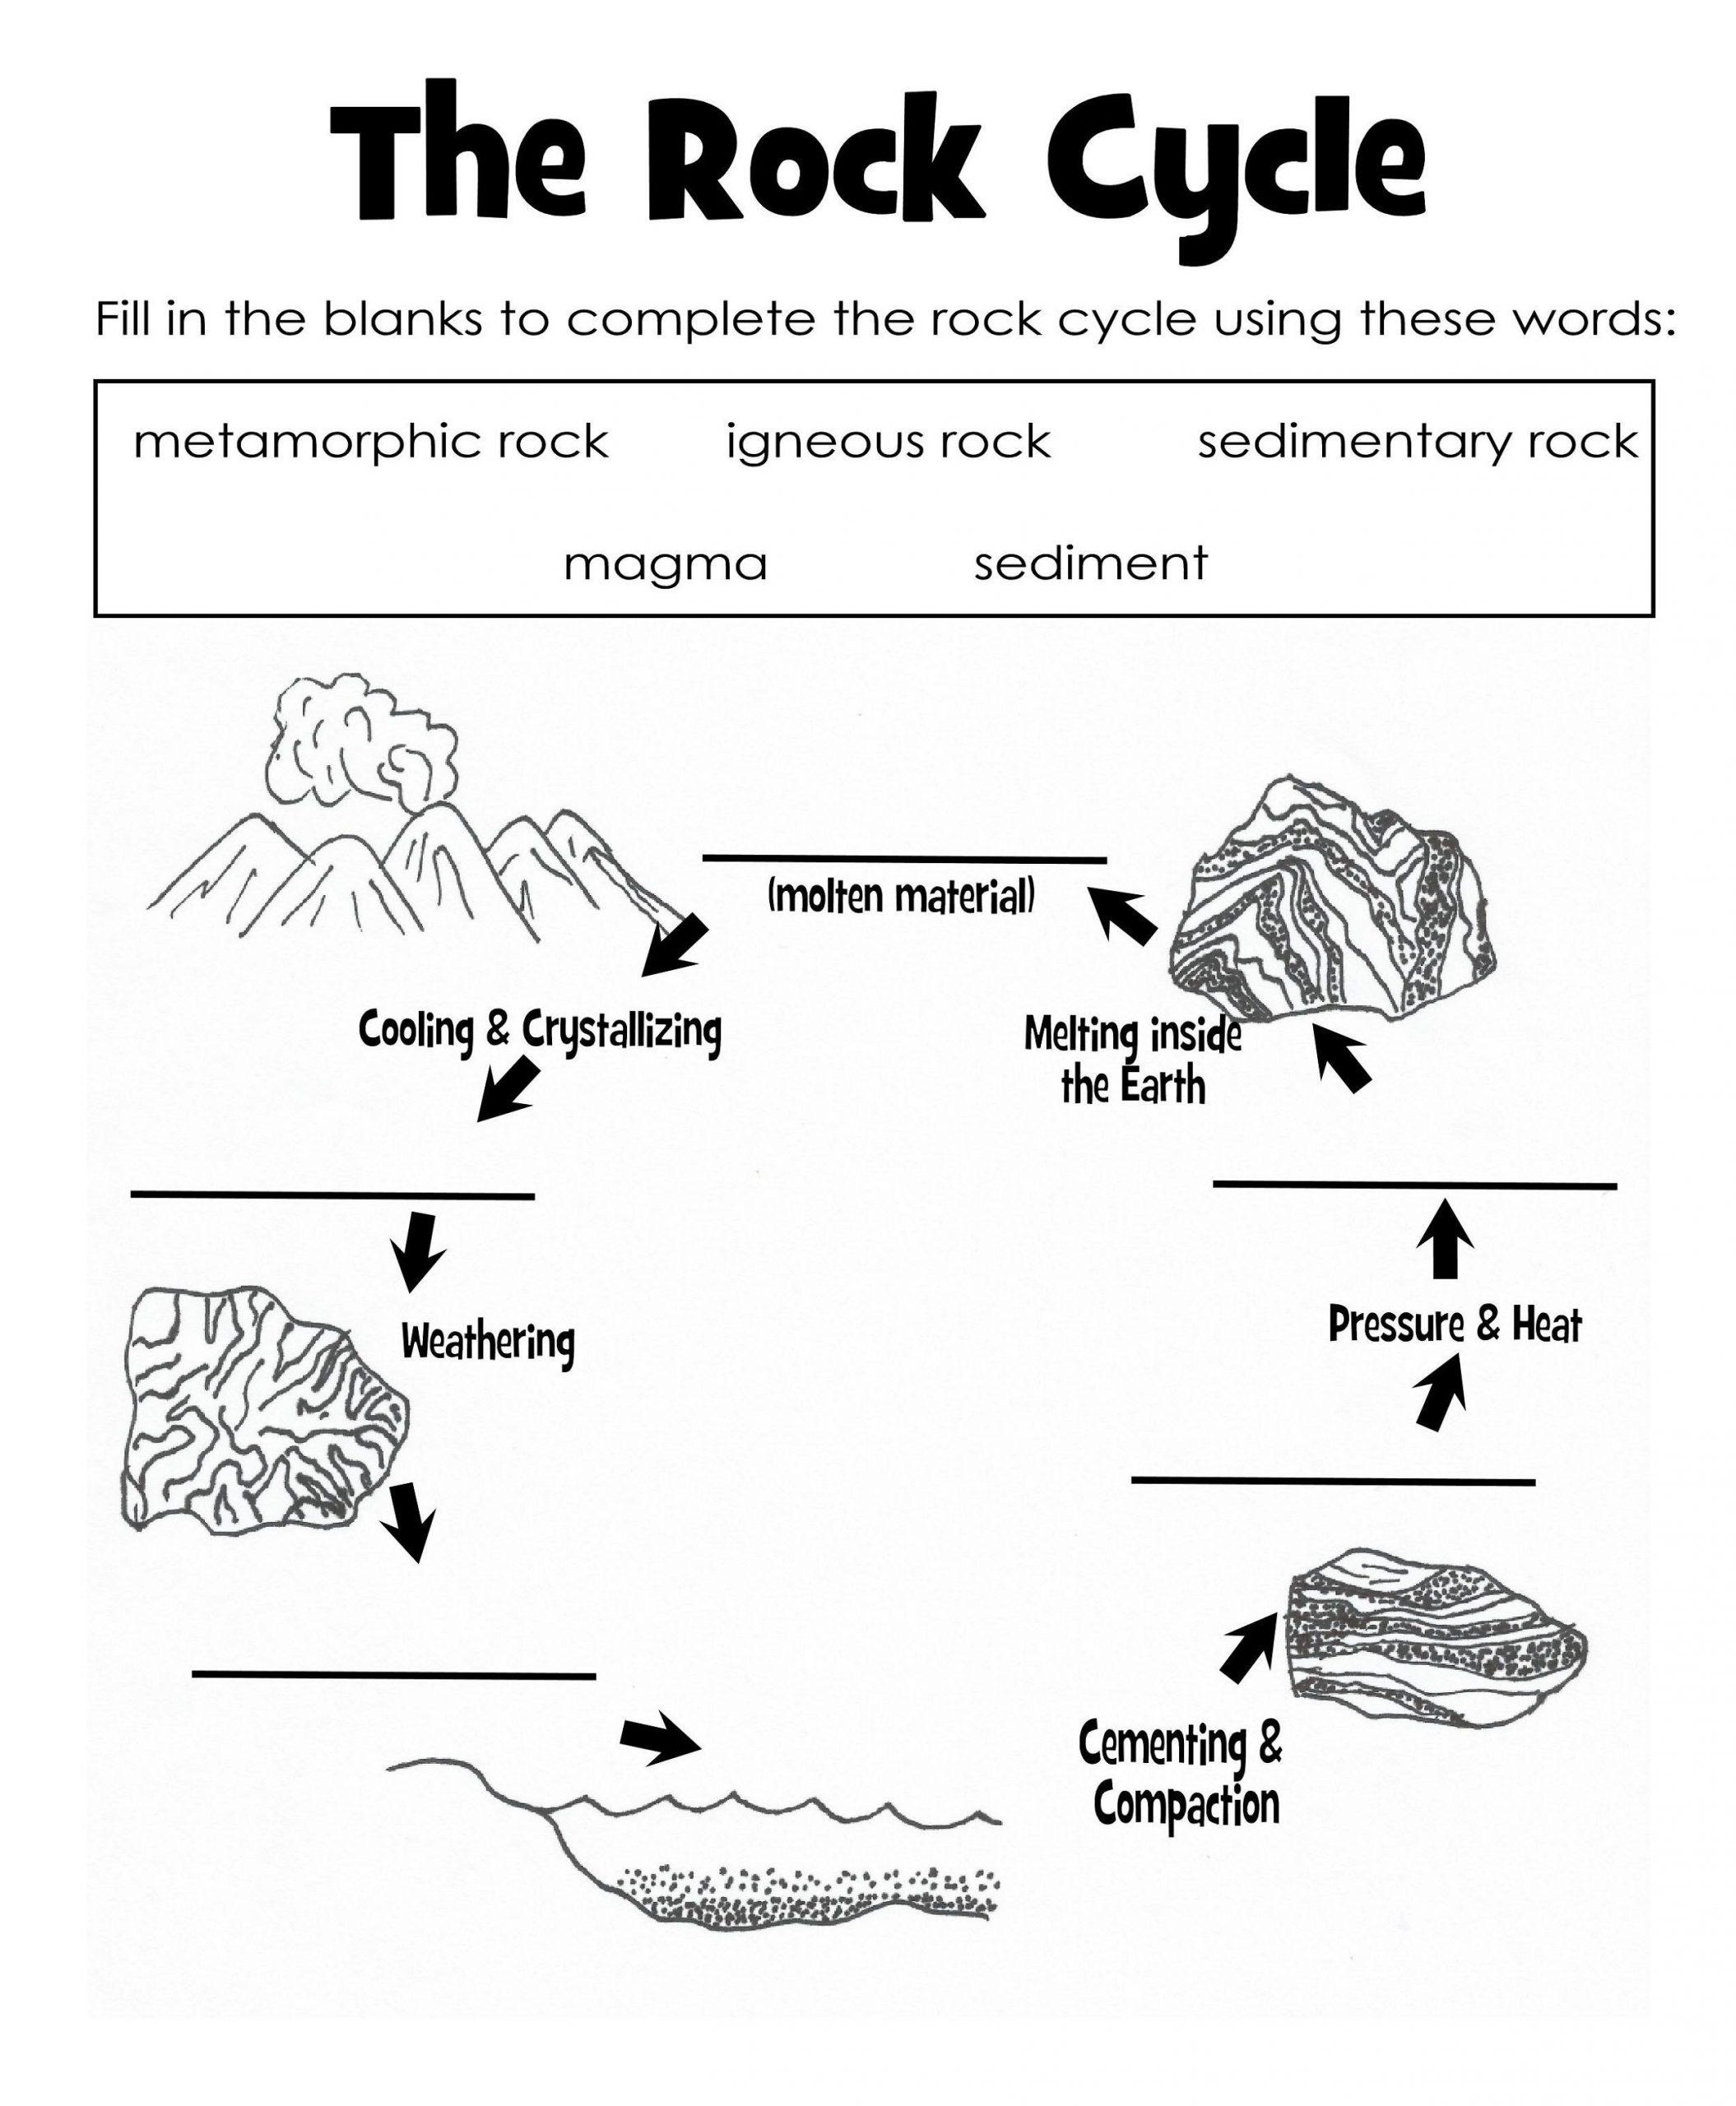 Rock Cycle Diagram Worksheet the Rock Cycle Diagram Worksheet Label